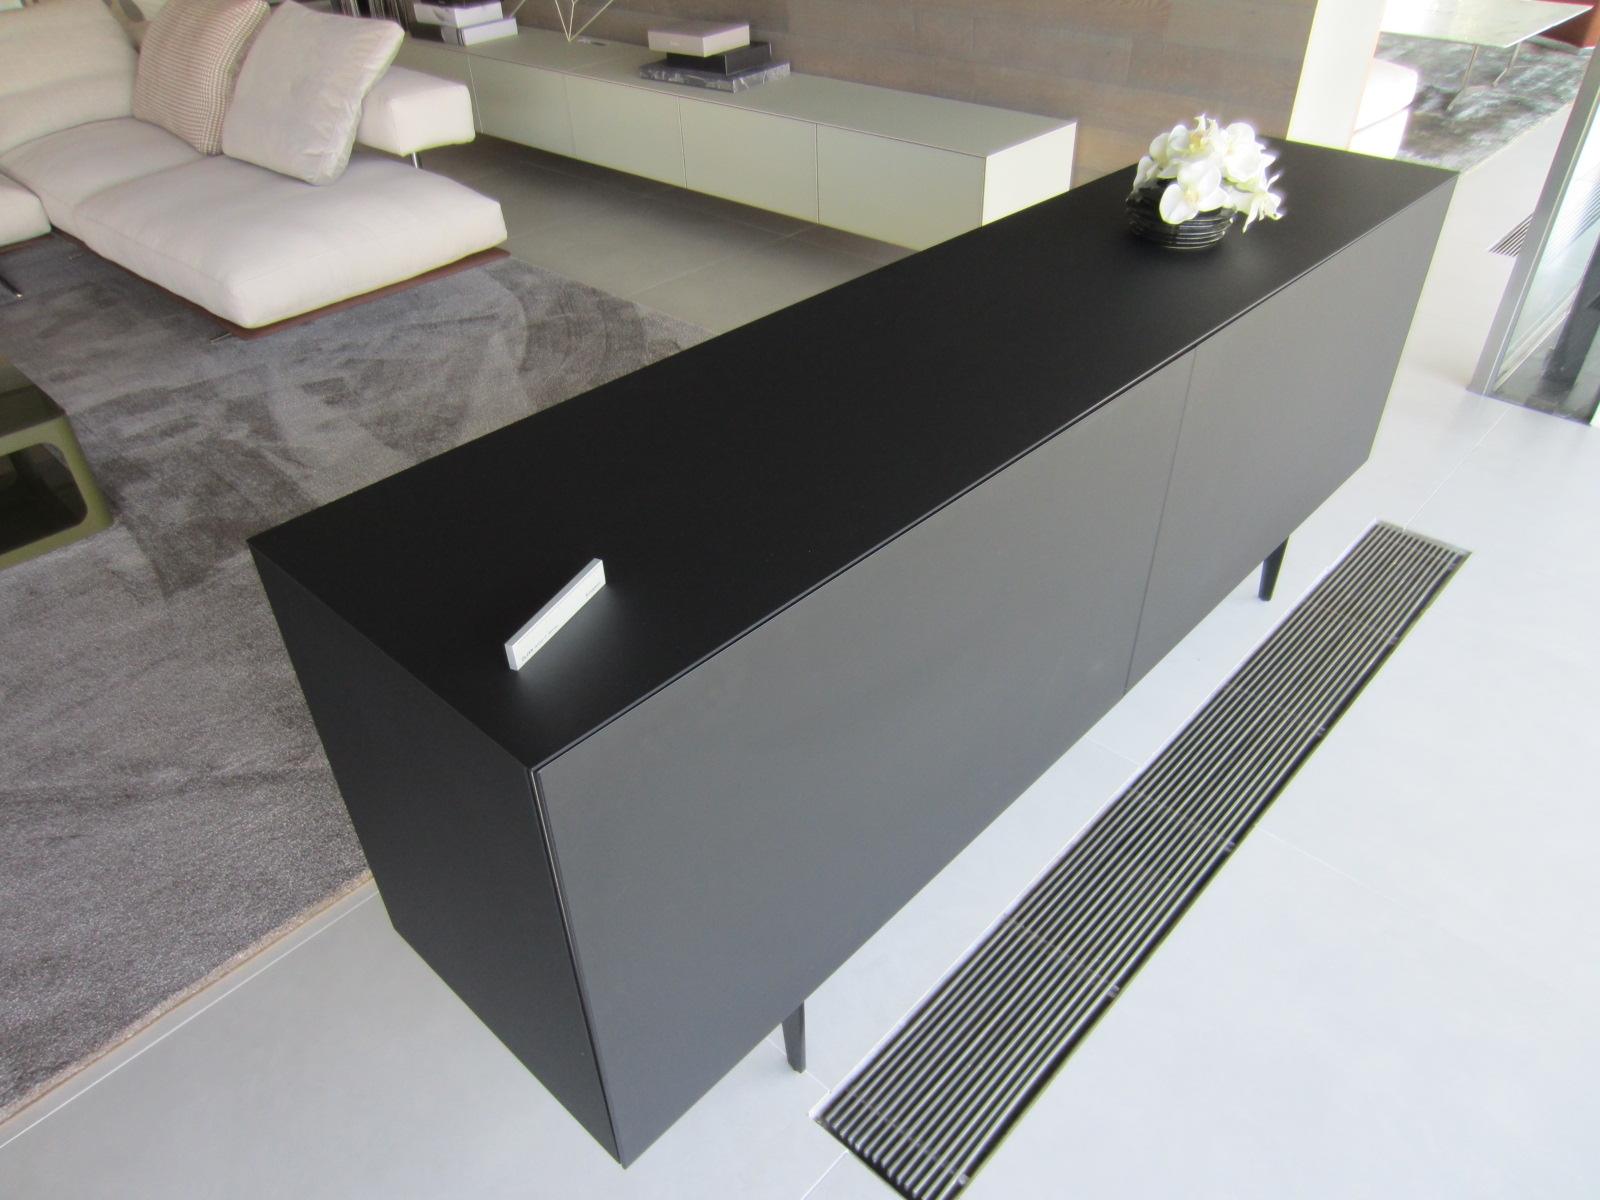 Soggiorni moderni rimadesio idea creativa della casa e for Design scontato